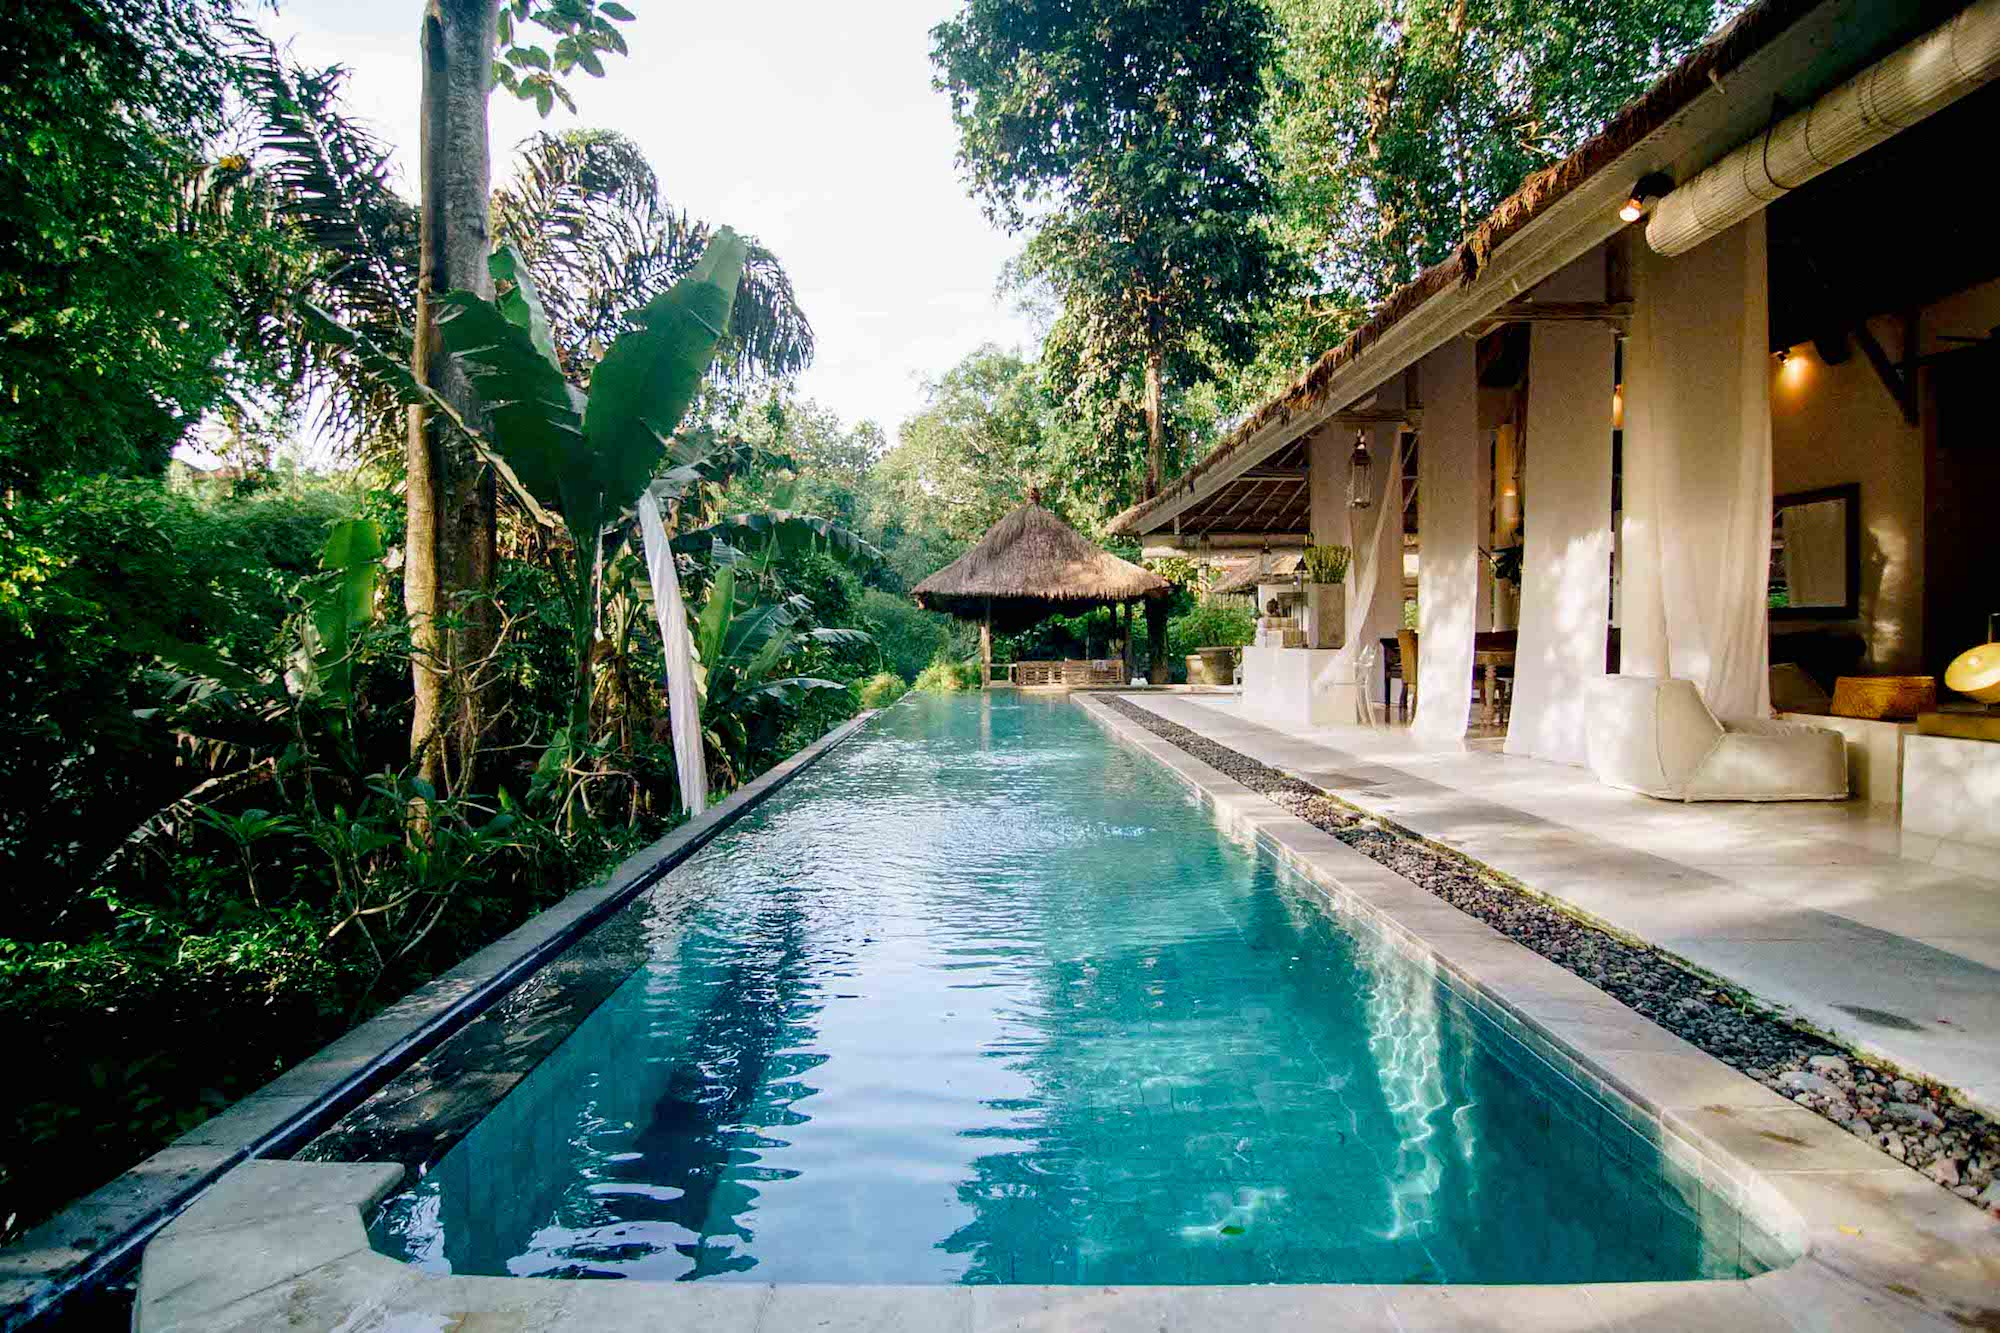 Villa Sungai Bali – Boutique Stay in the Tropics